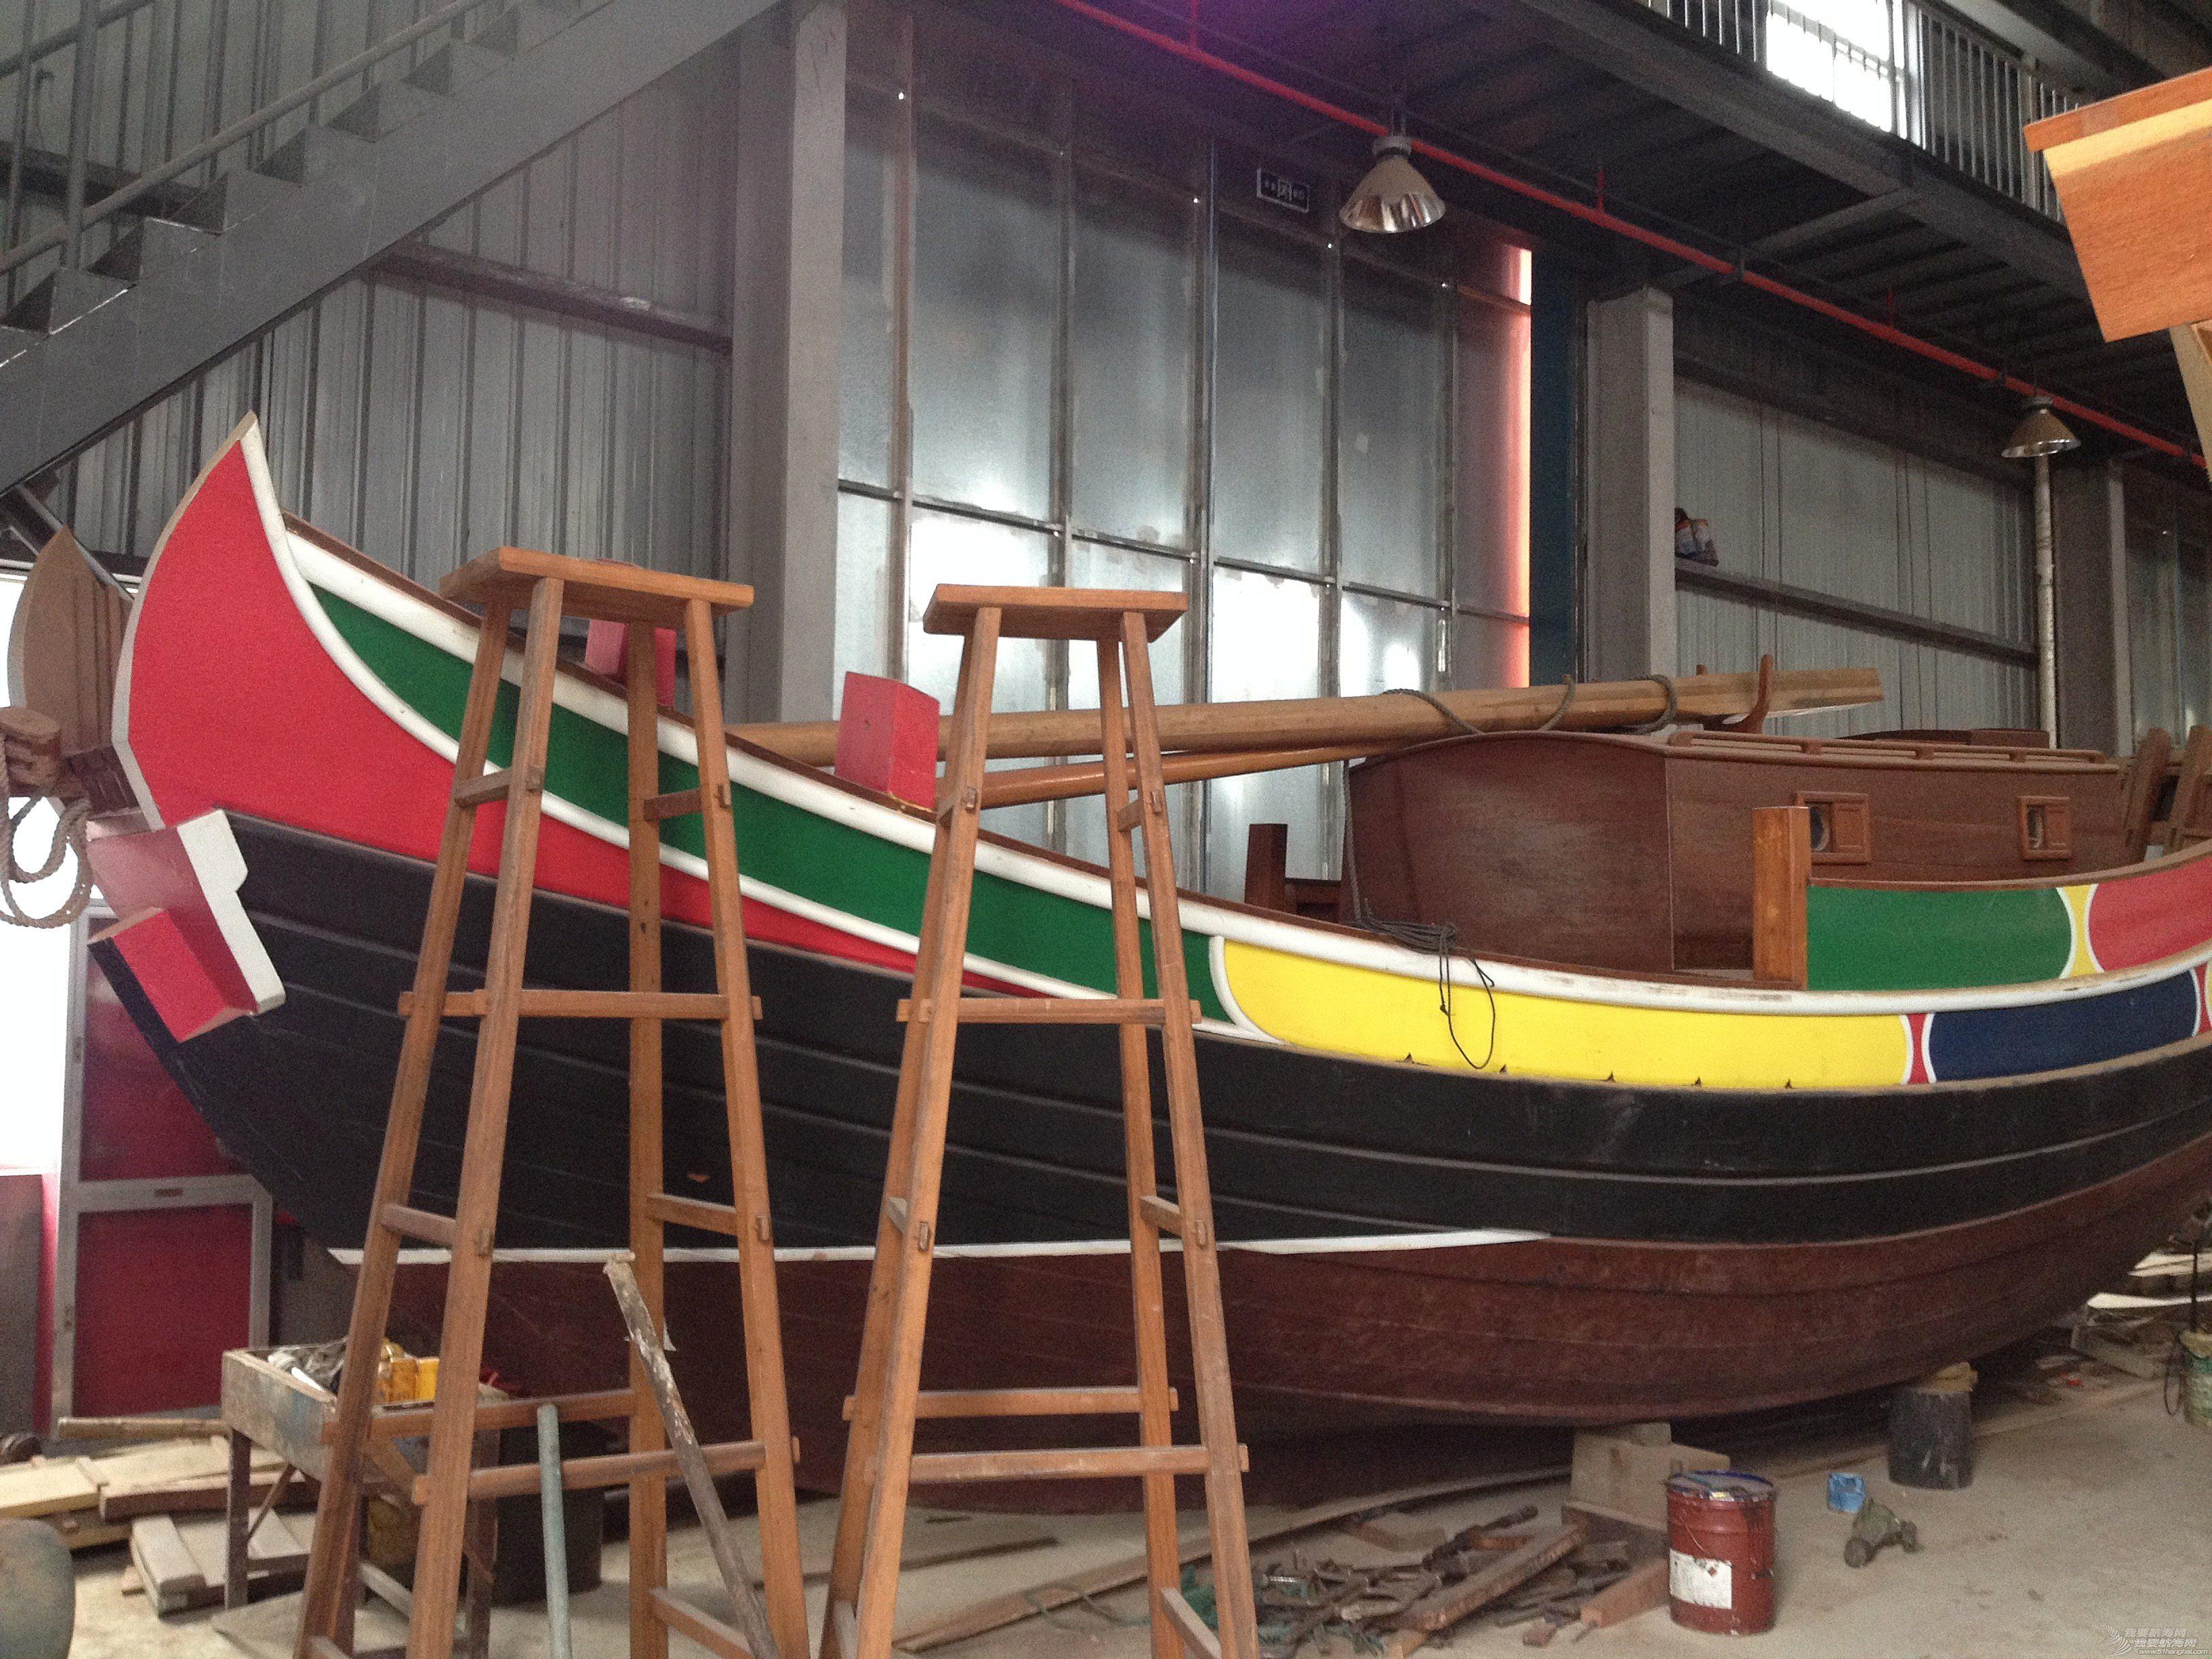 中式风格,交通运输,造船厂,朱家尖,对抗赛 全球首次中式帆船比赛可能会在舟山举行